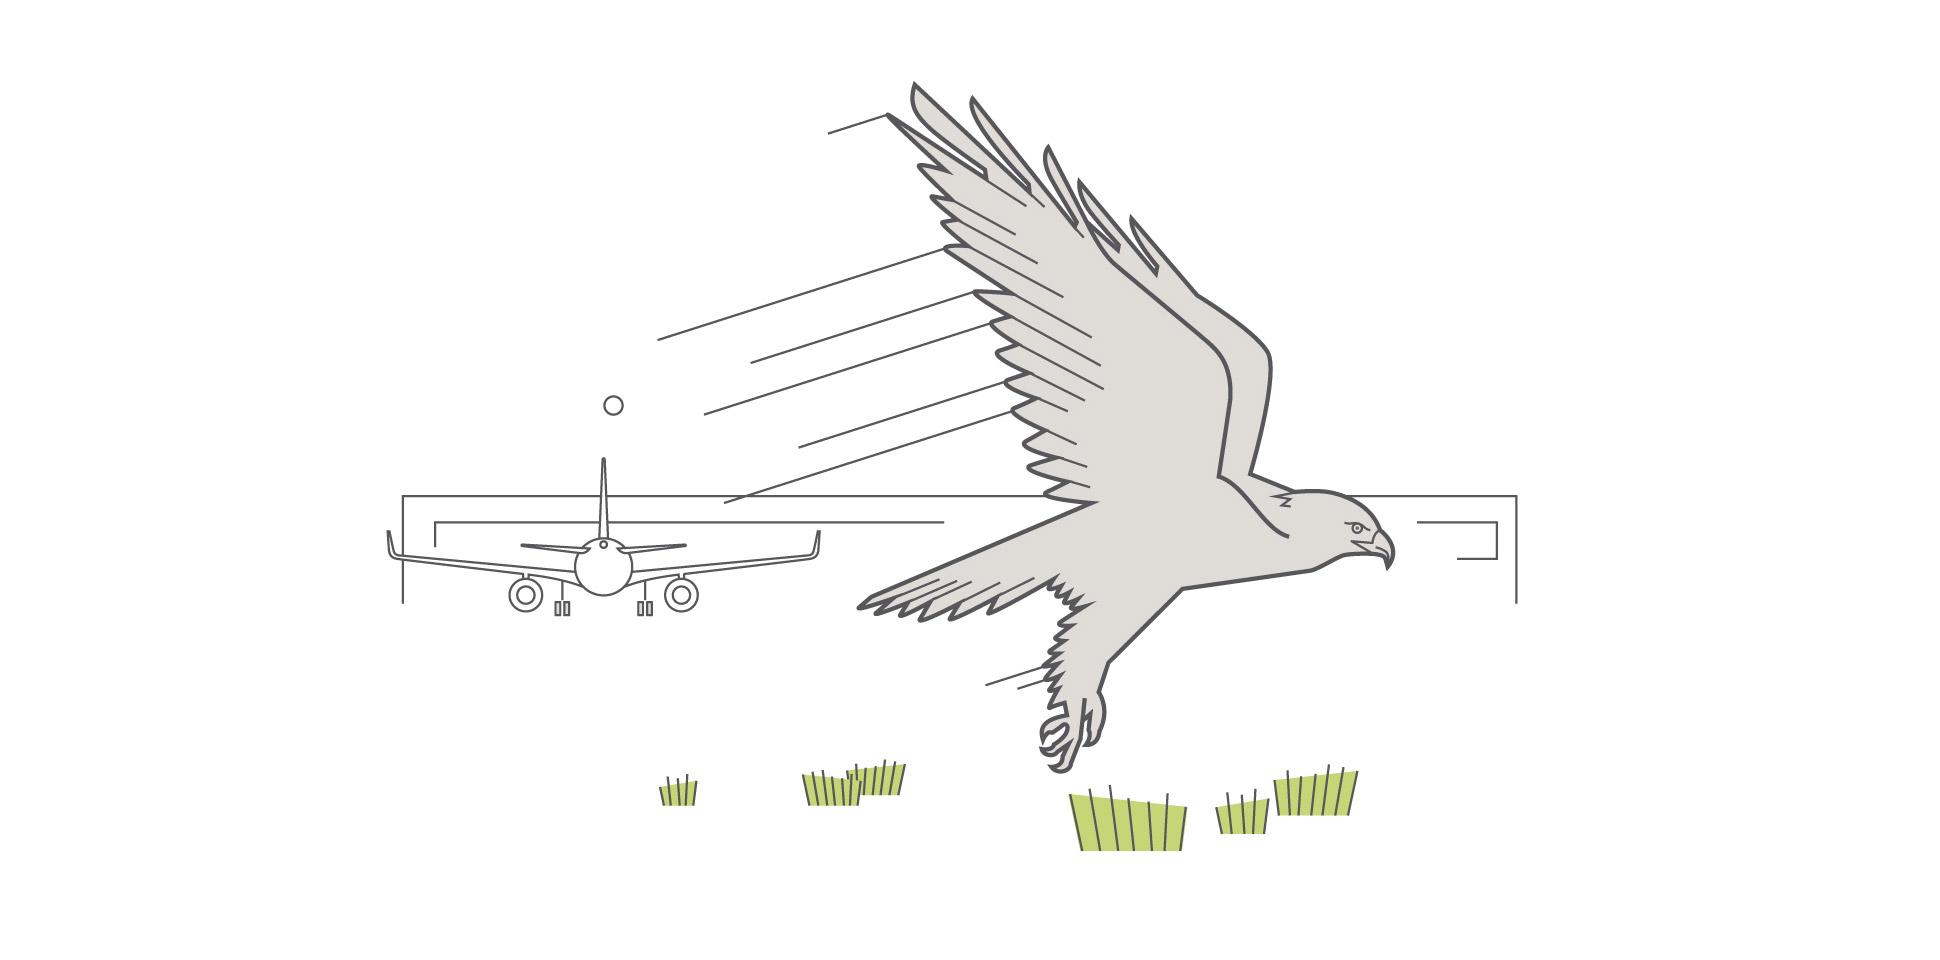 airport-bremen umweltbericht flugzeug adler 2012 polarwerk